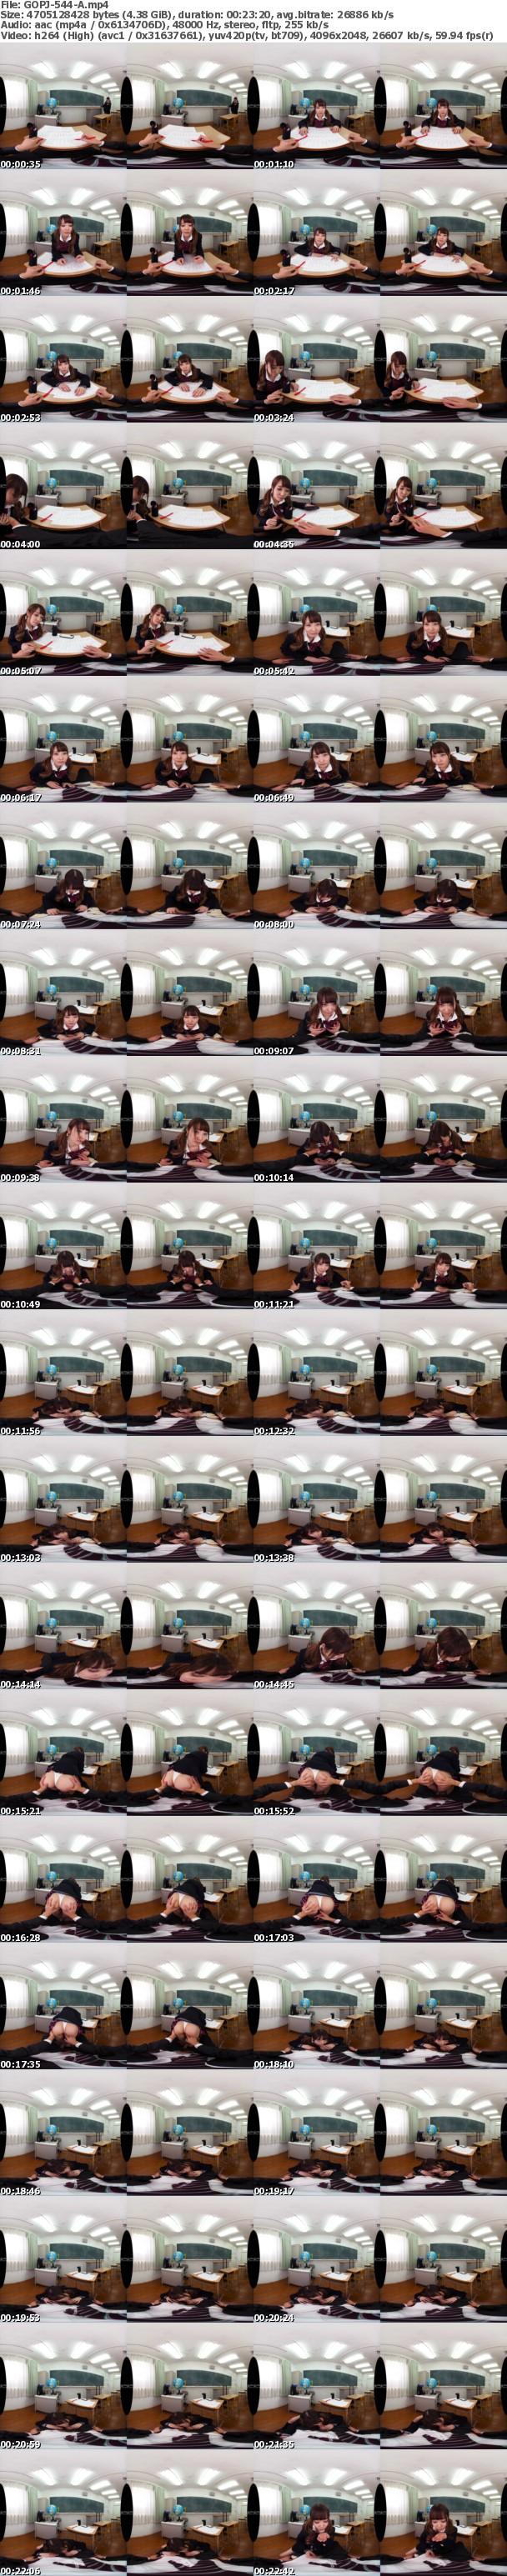 (VR) GOPJ-544 HQ 劇的超高画質 家出制服美少女 先生と私の関係チクられたく無かったら泊めてね! 学校 自宅 電車とヌカれまくり!